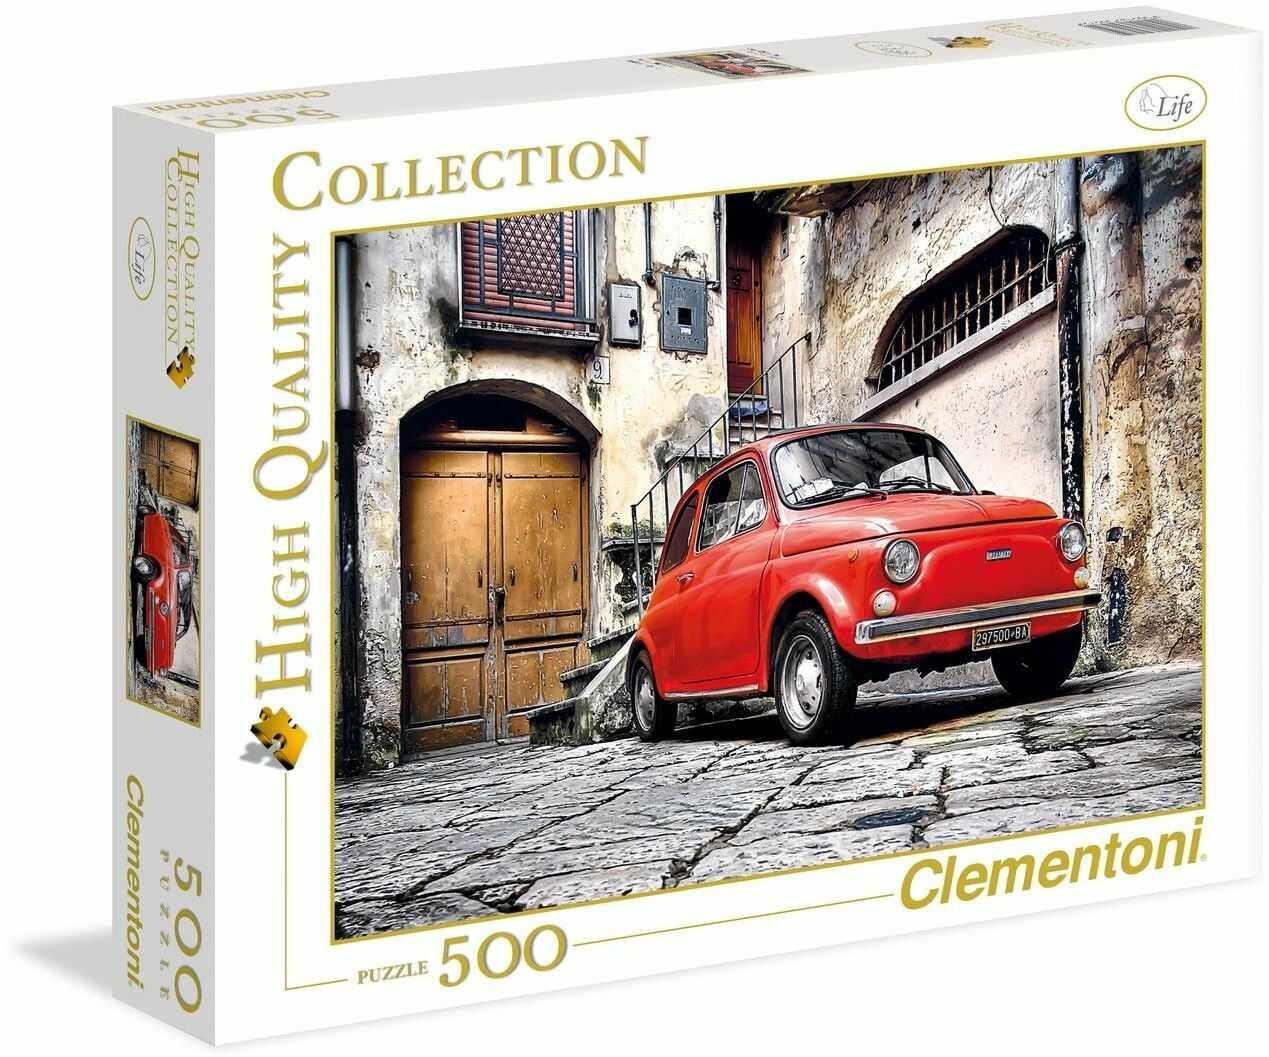 Puzzle Clementoni 500 - HQ - Fiat 500, Cinquecento - 500 pezzi